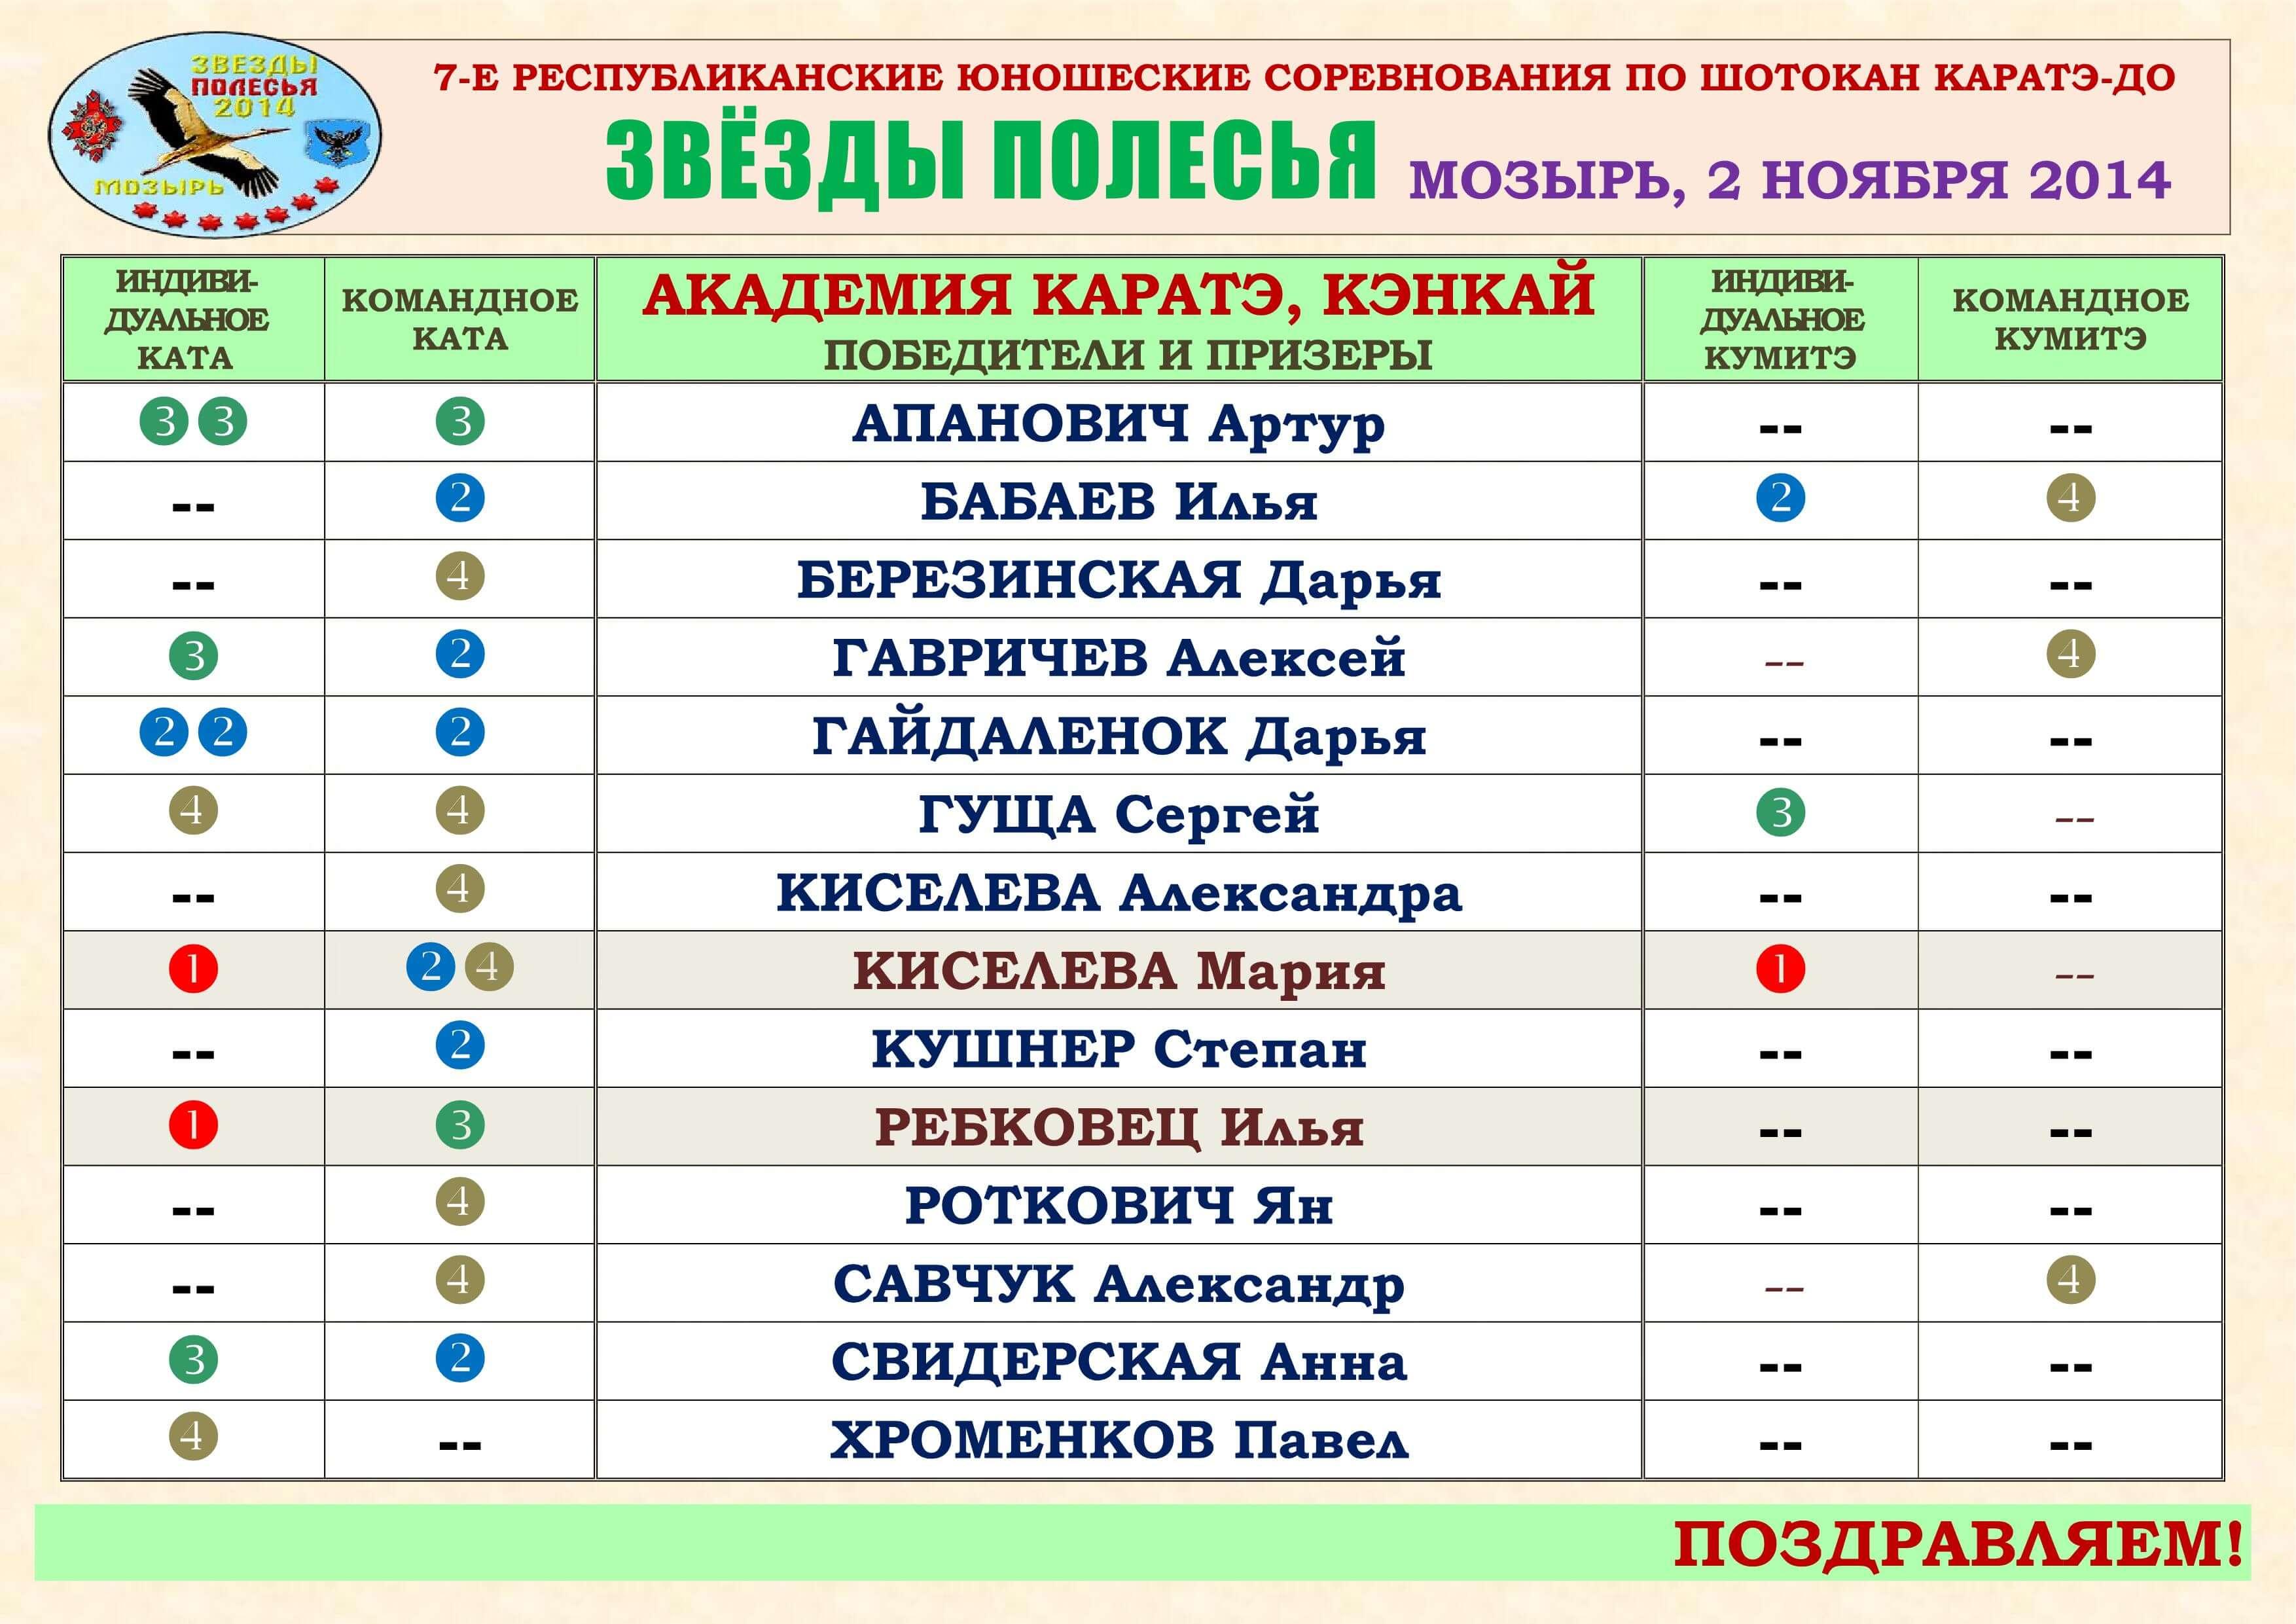 Мозырь-2014 АК поздравления